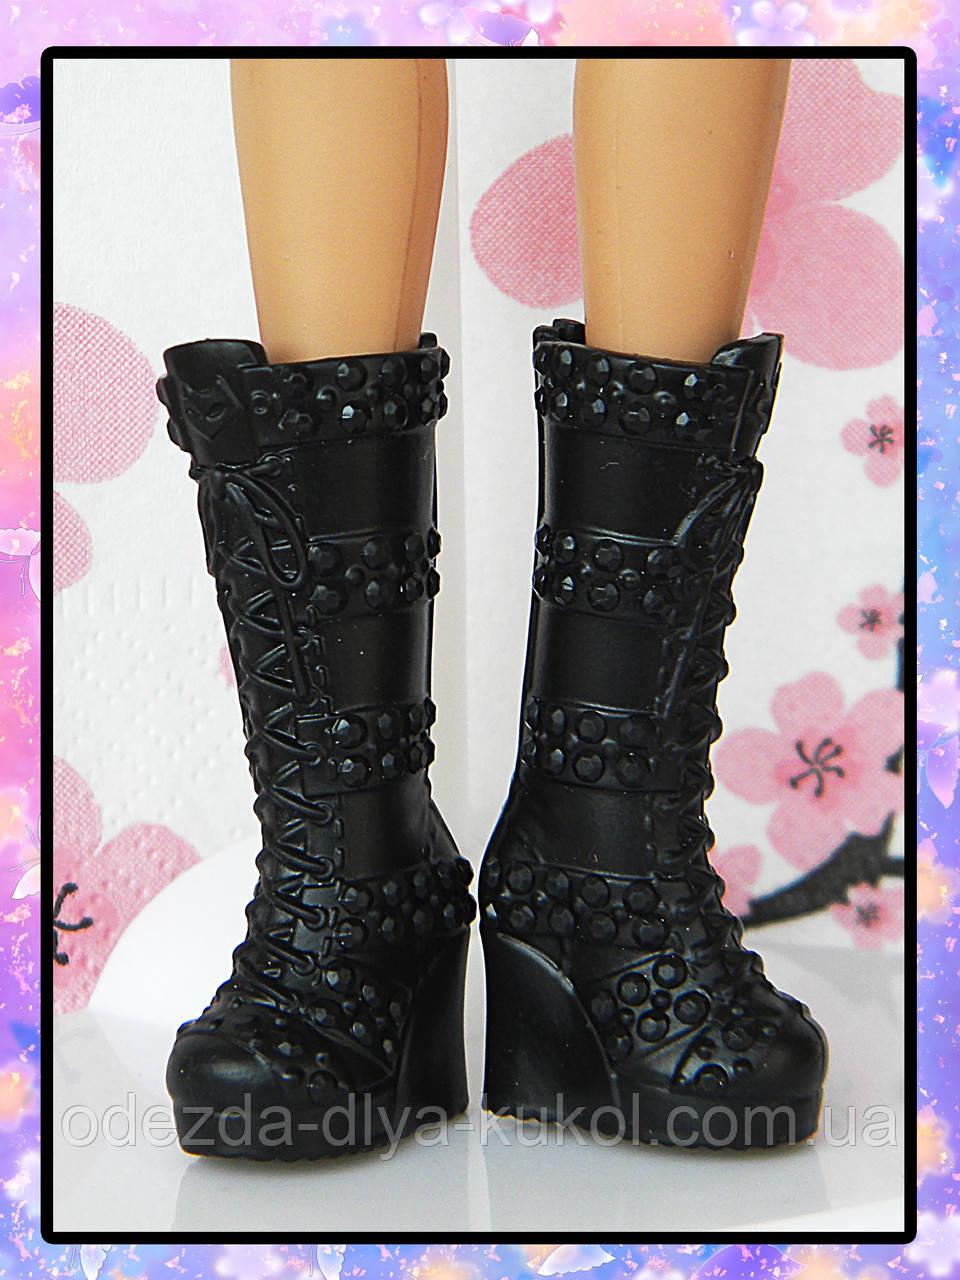 Взуття для ляльок Барбі - чоботи